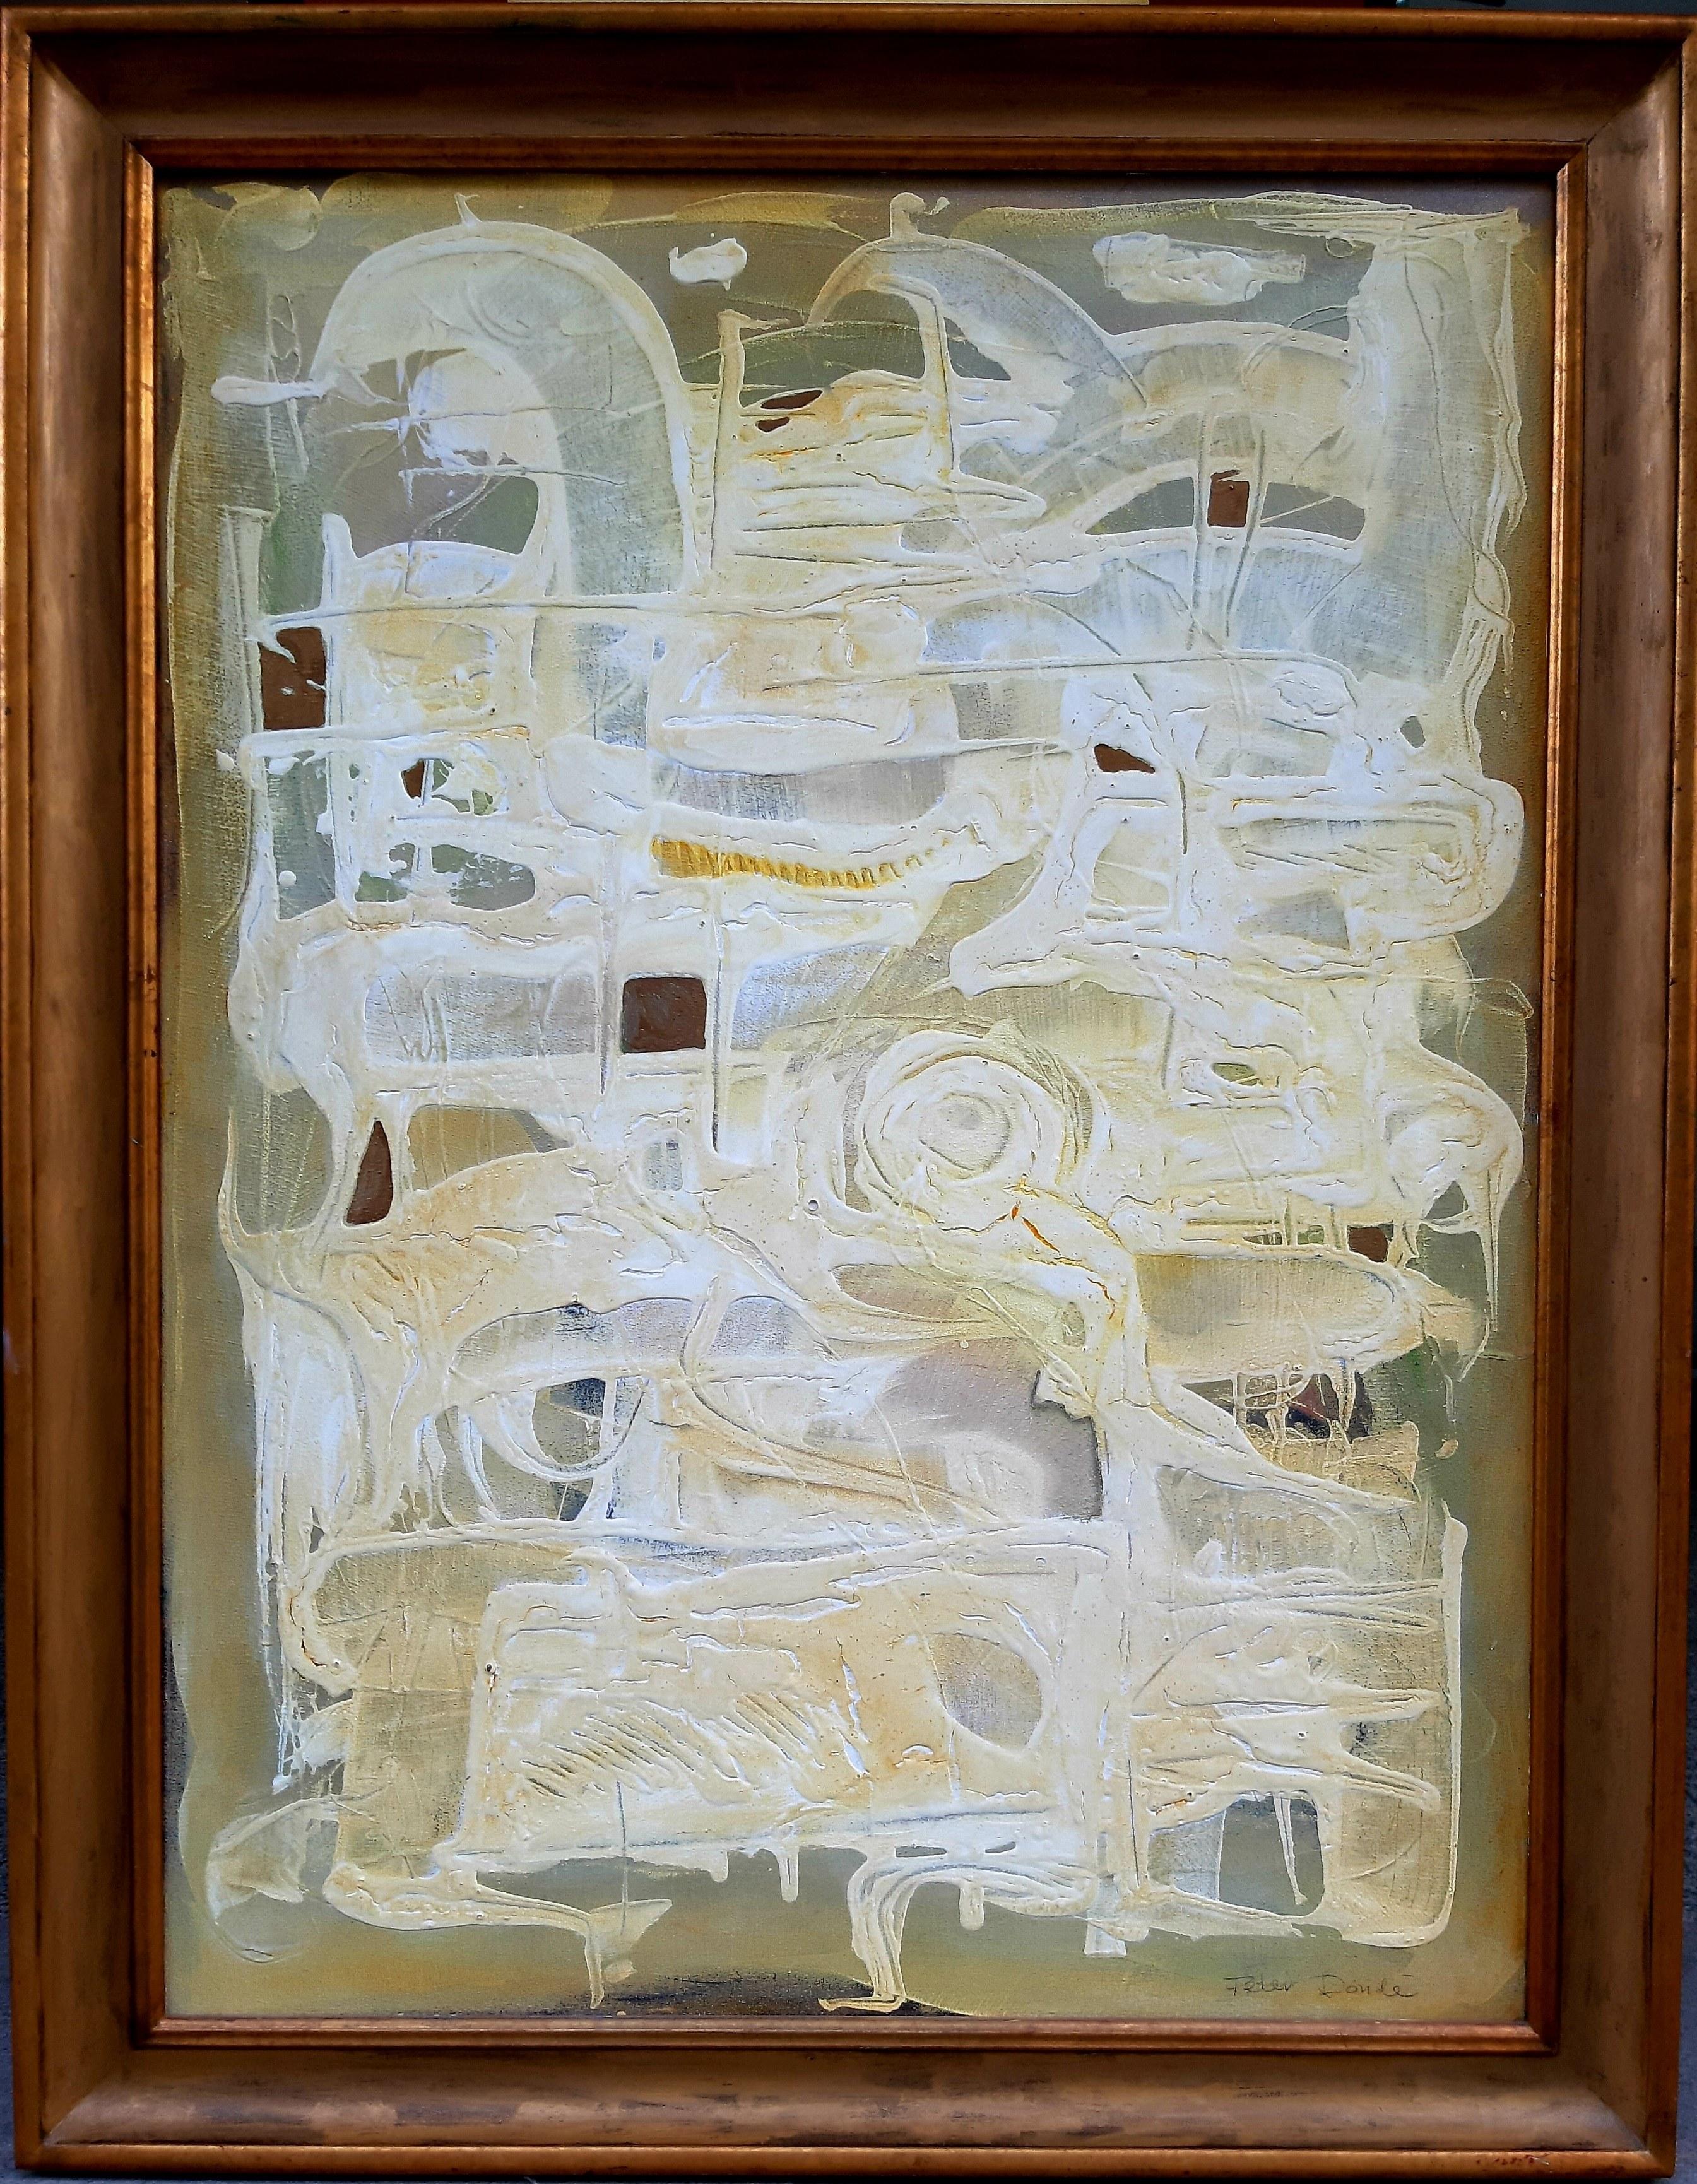 Piotr Dondé Abstract I